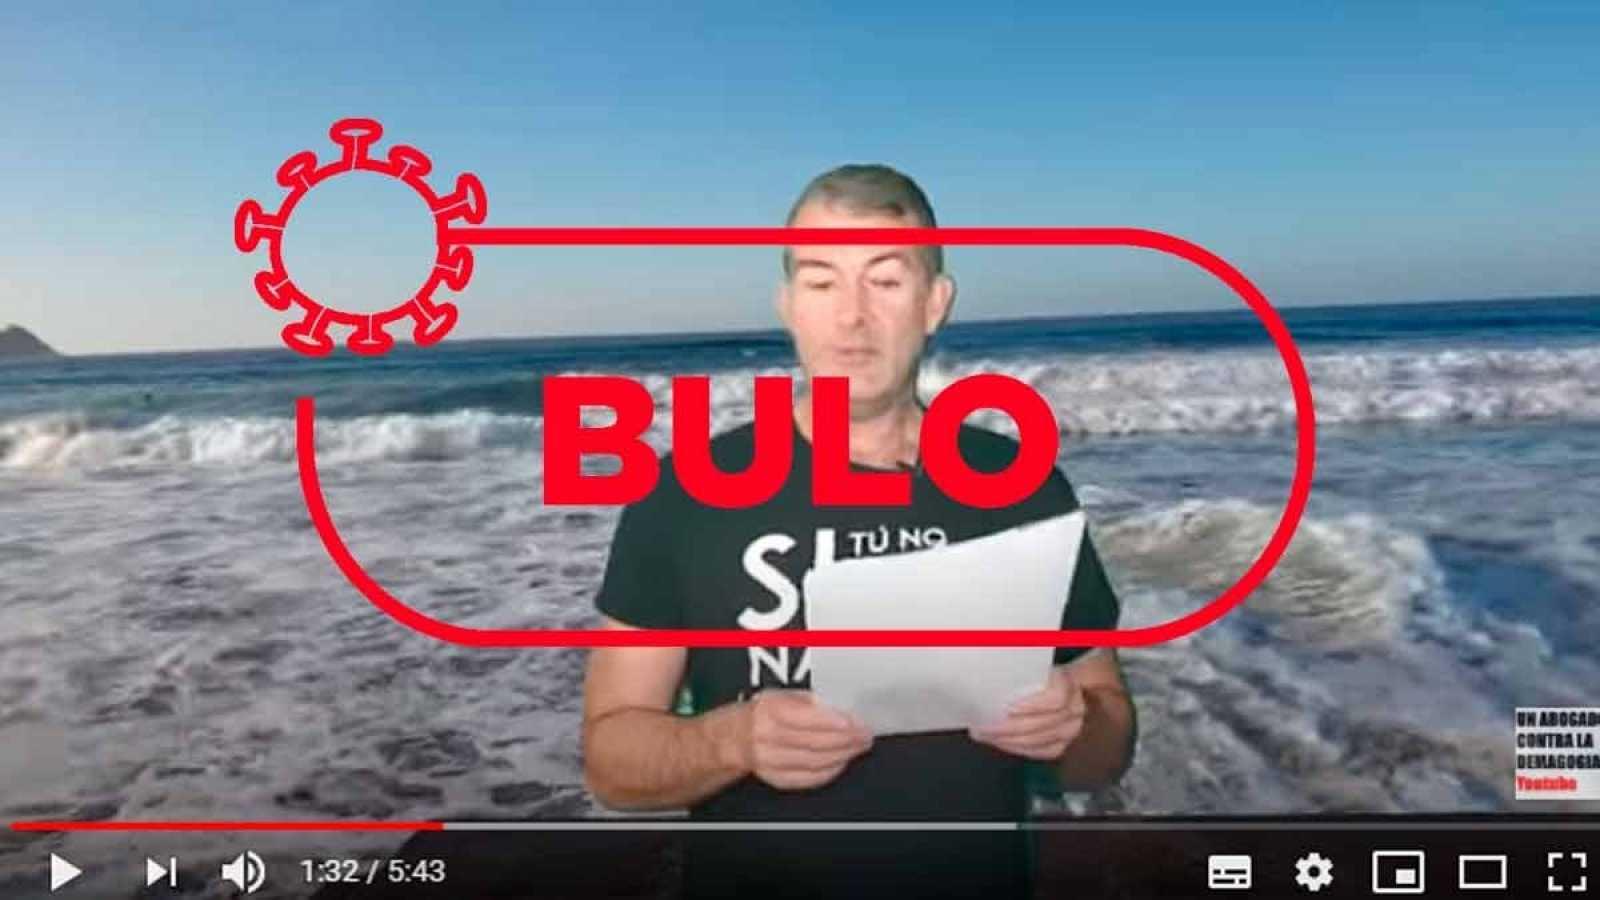 Captura del nuevo bulo apoyado en un vídeo de YouTube que recicla dos falsas informaciones ya desmentidas por Verifica RTVE.